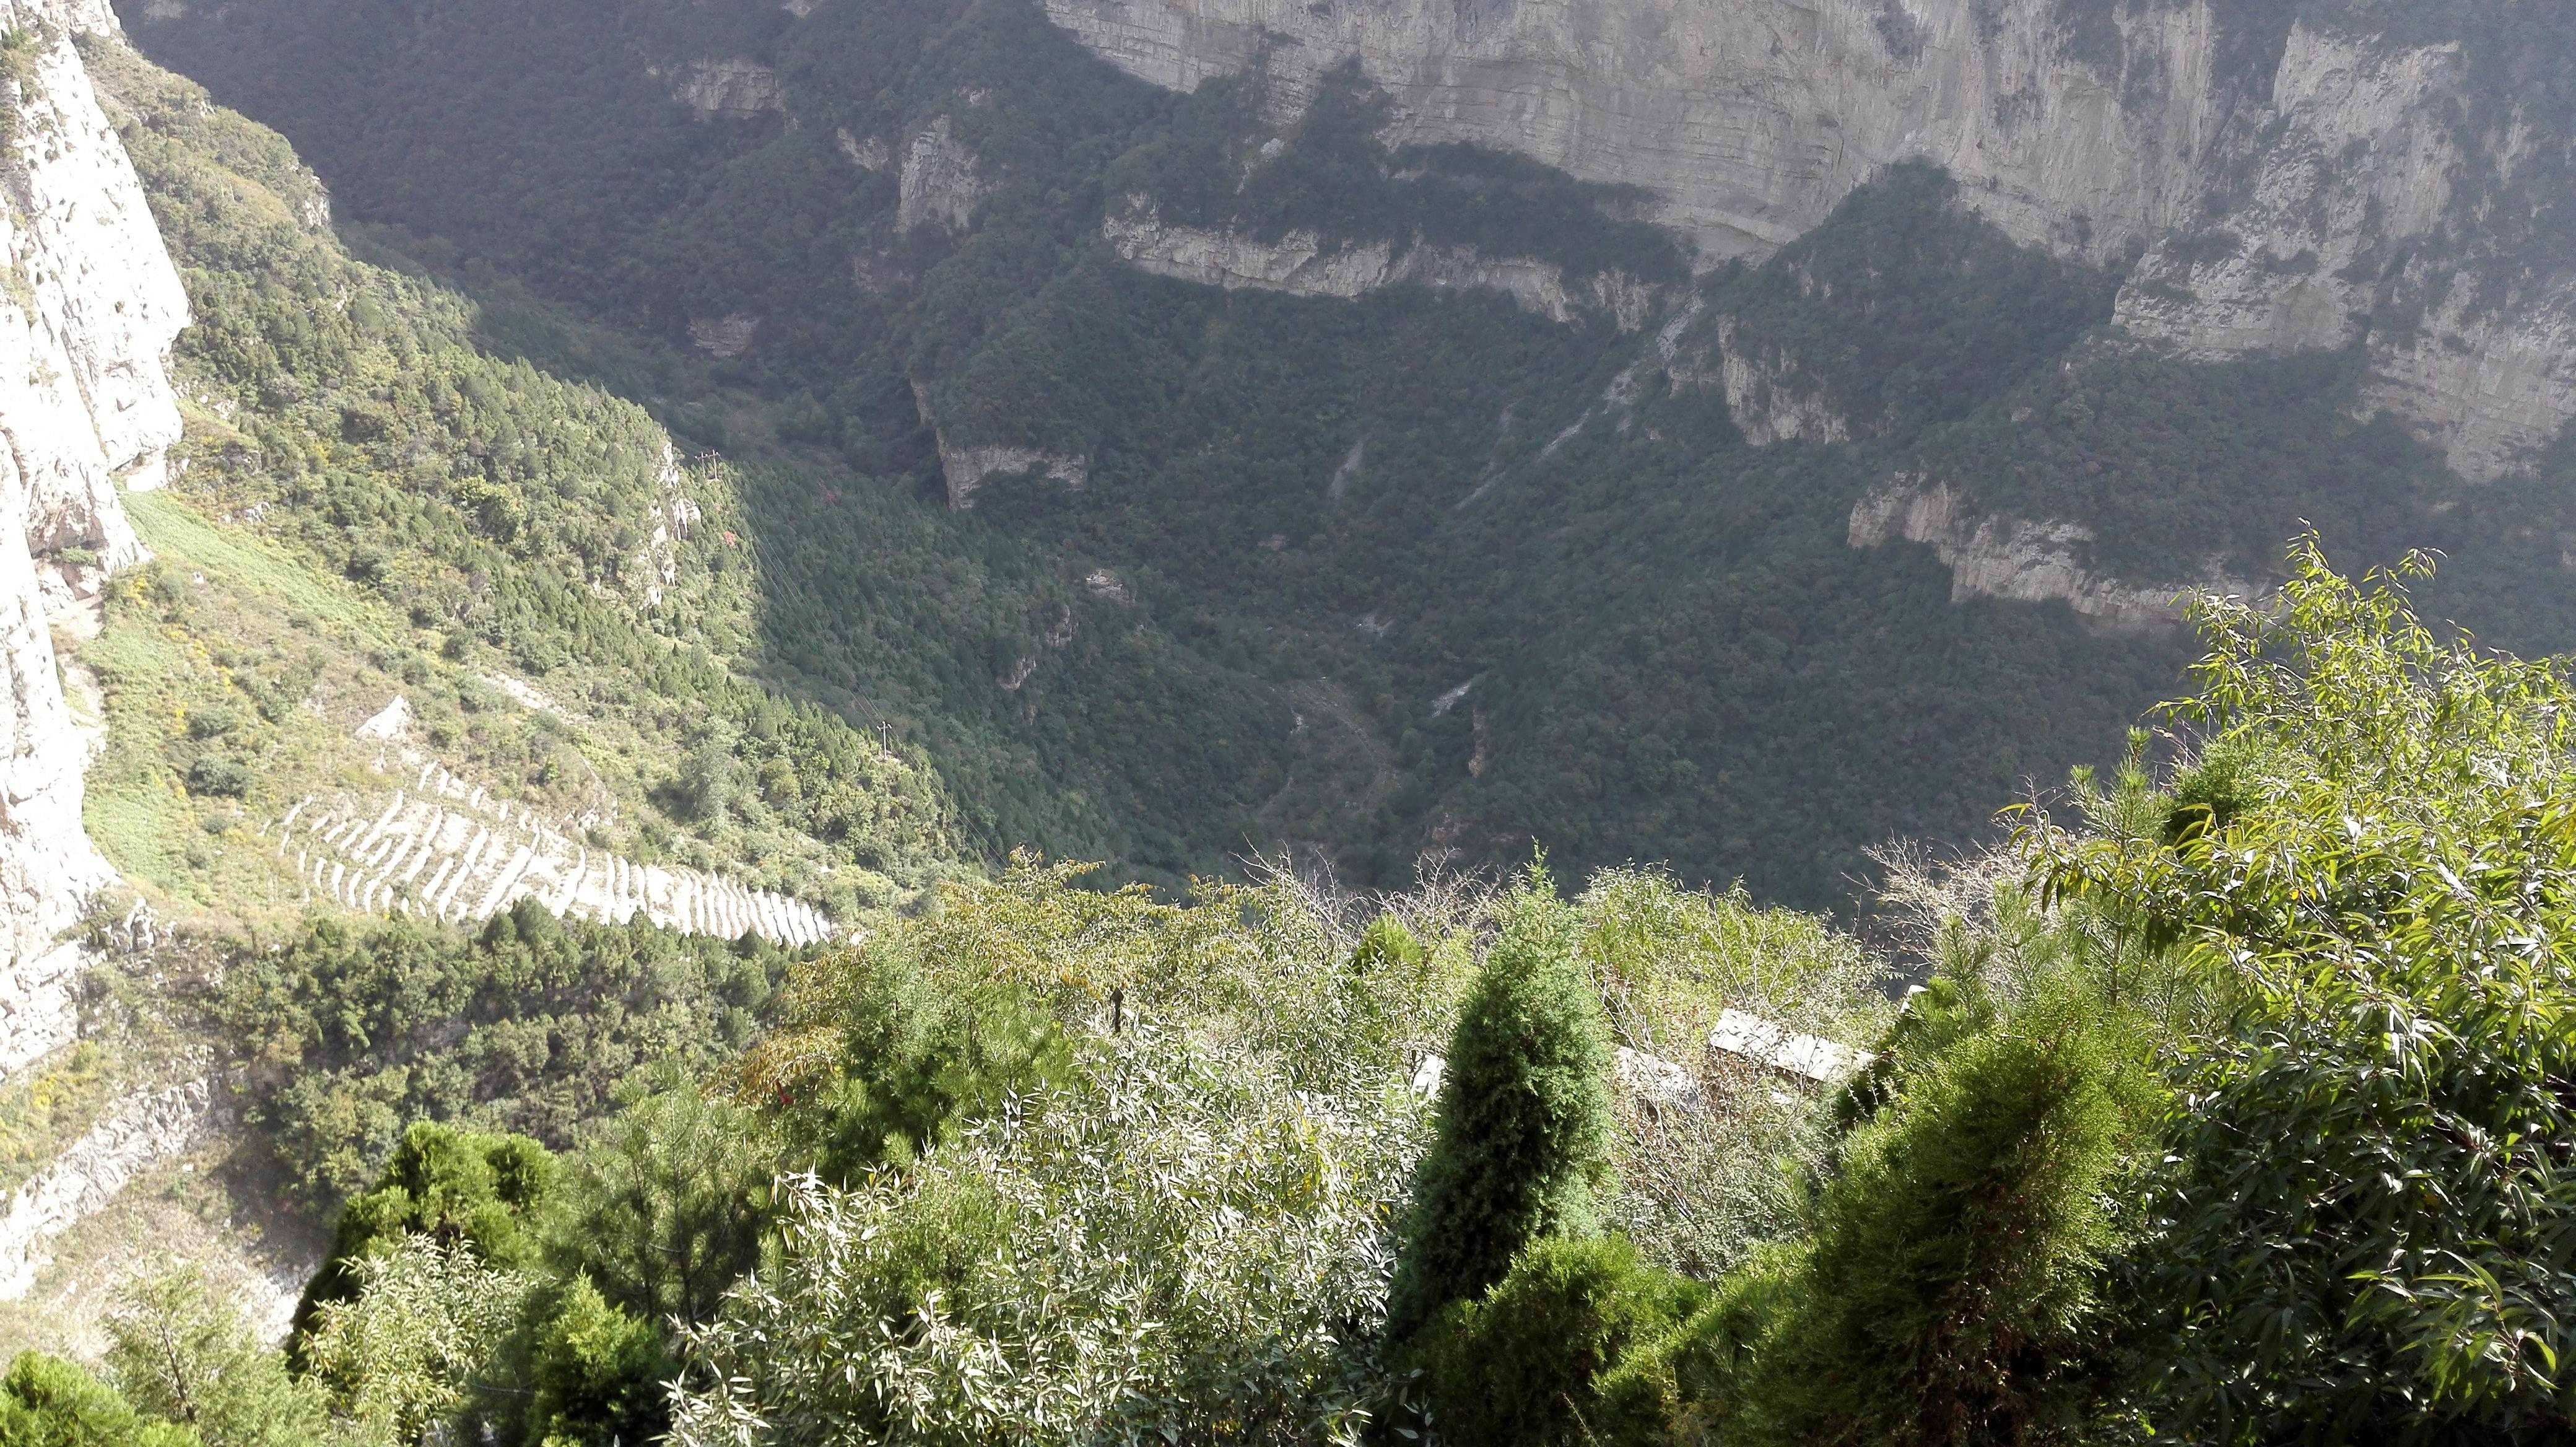 Mianshan View